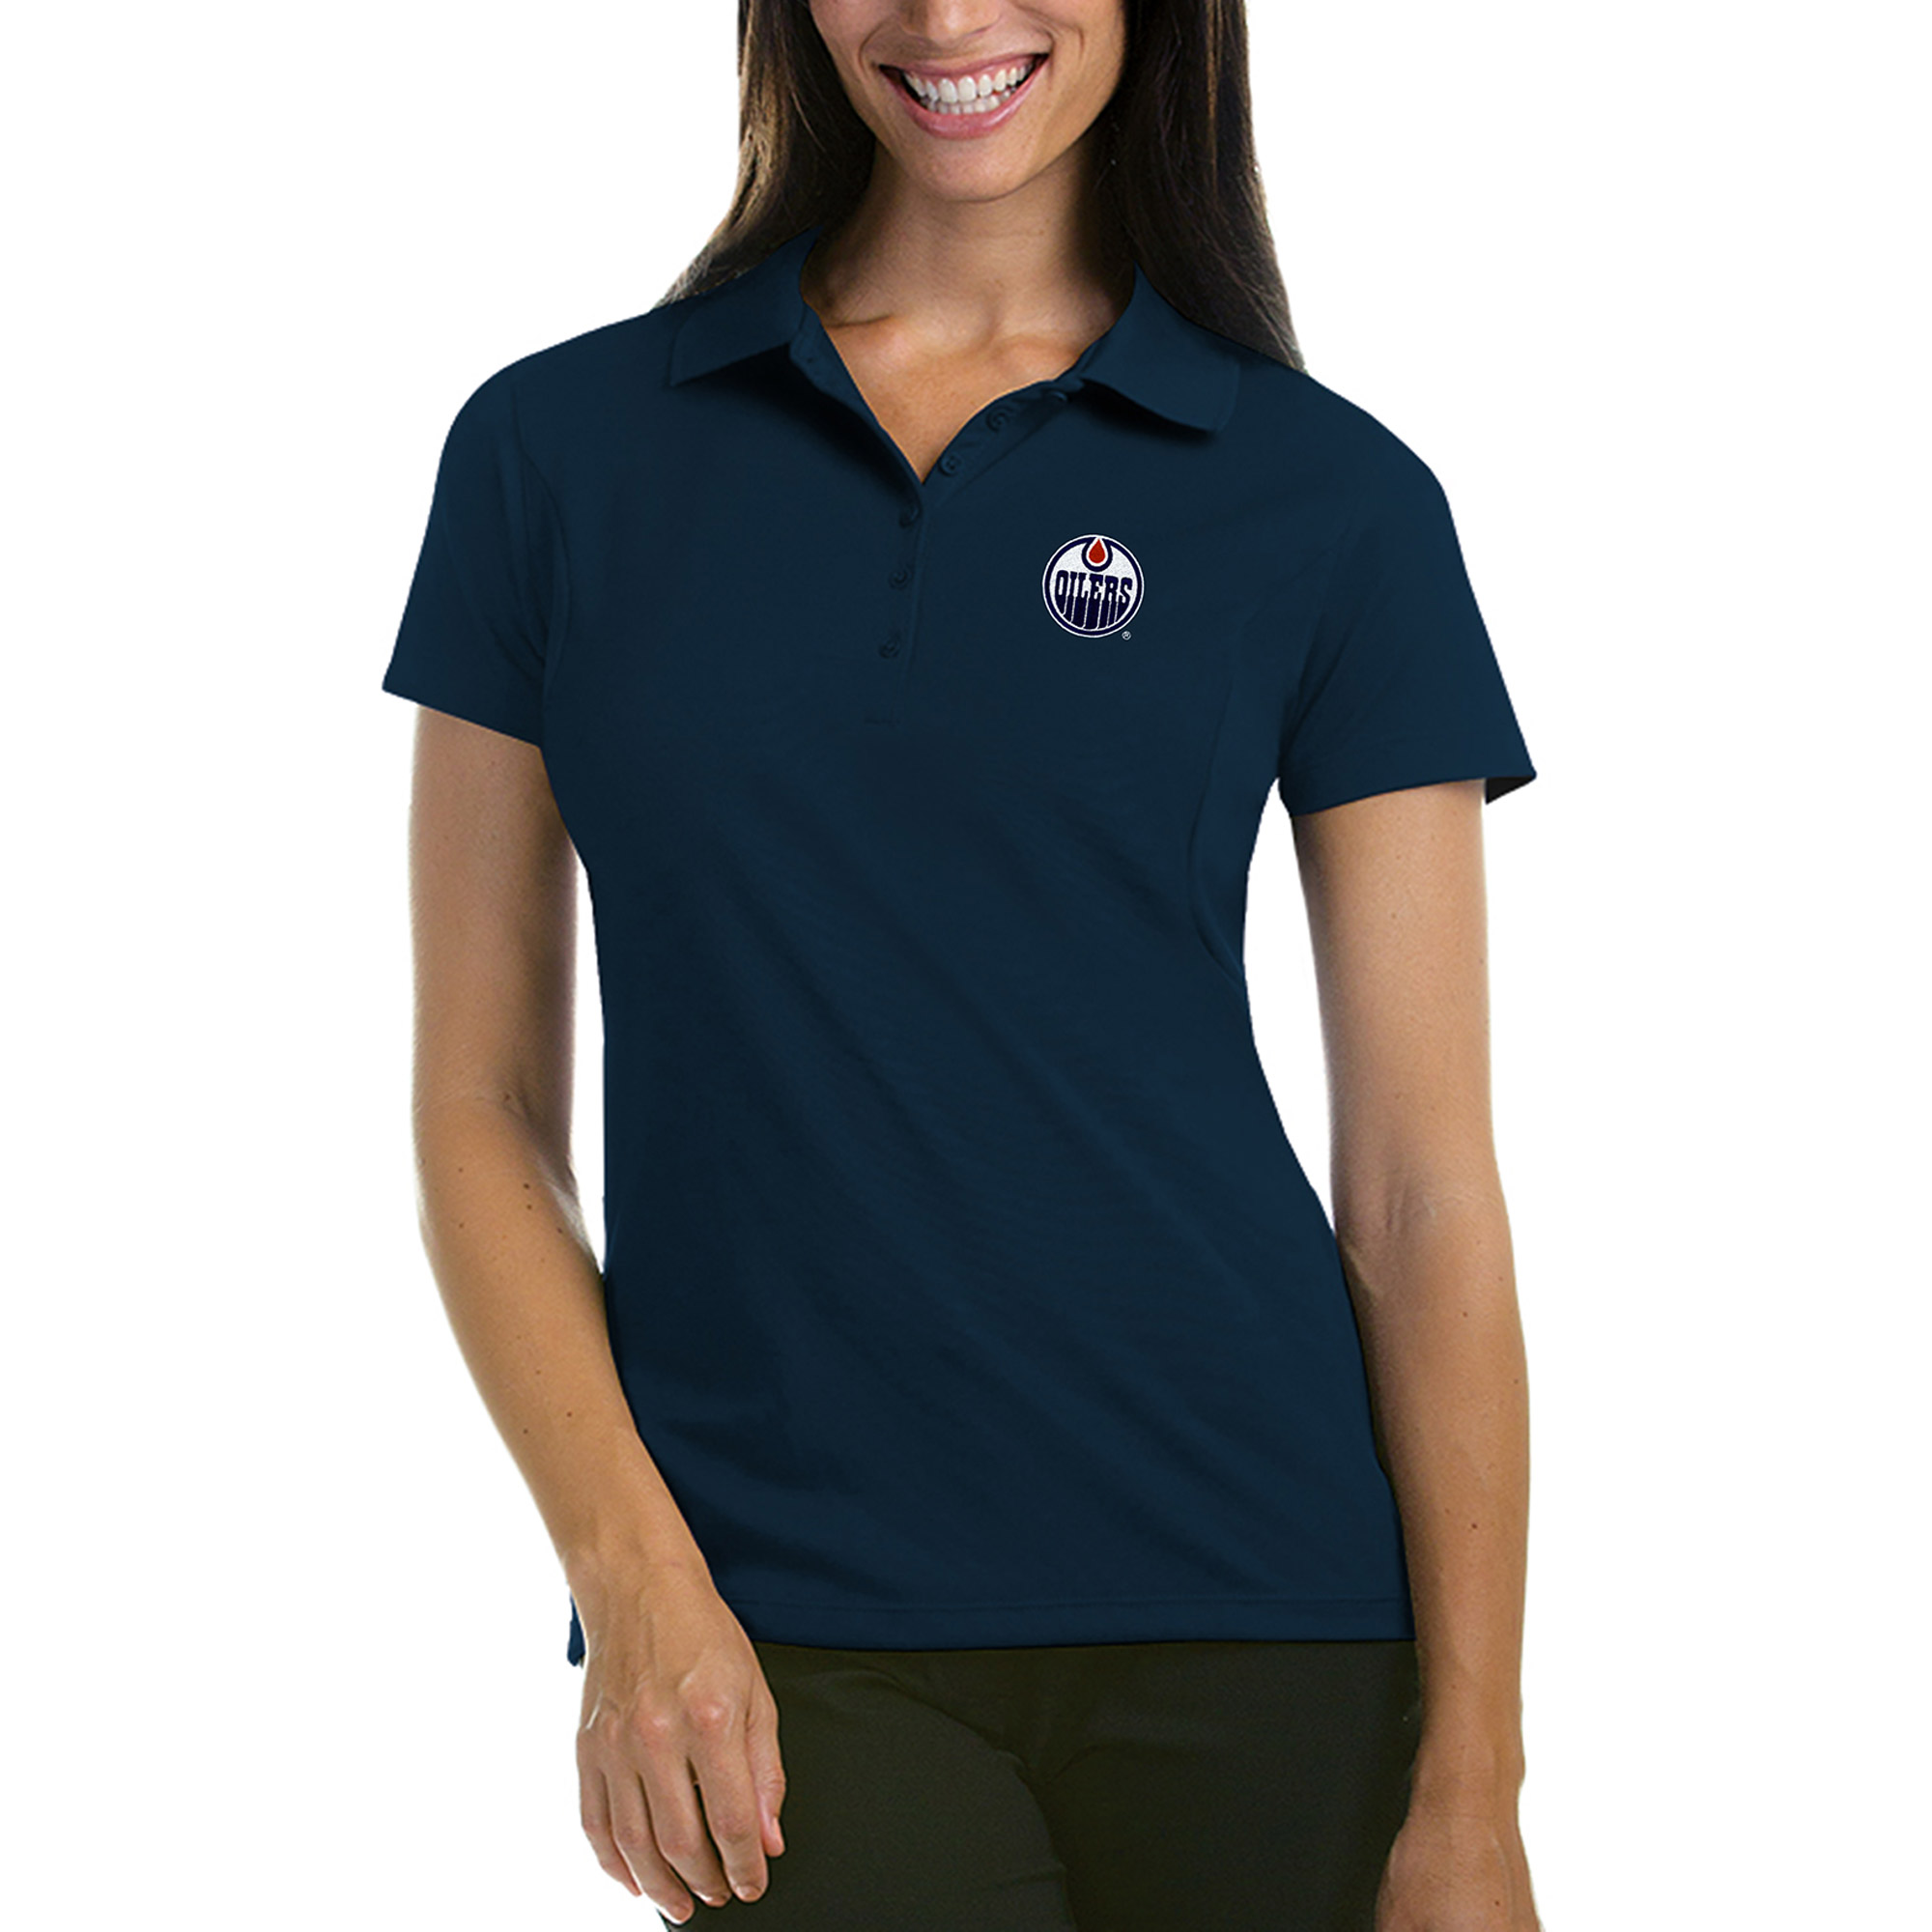 Edmonton Oilers Antigua Women's Pique Performance Polo - Navy